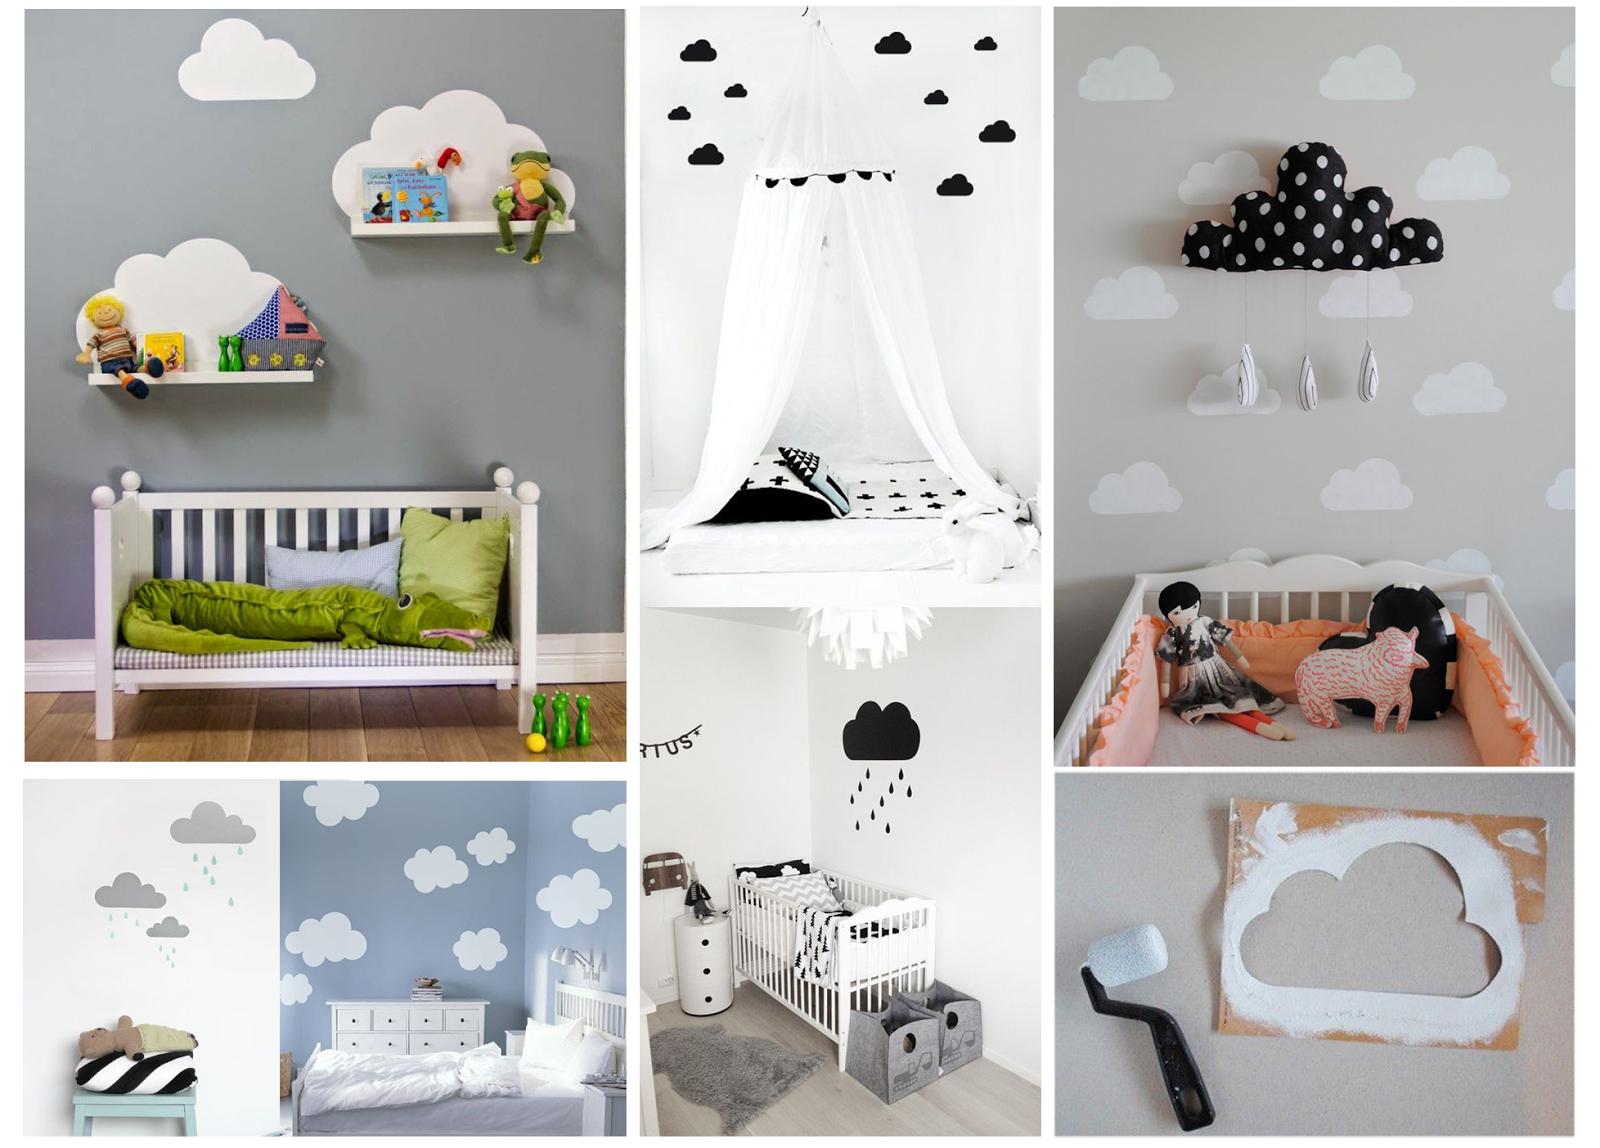 Idee camerette bambini fai da te oh22 pineglen - Idee camerette neonato ...